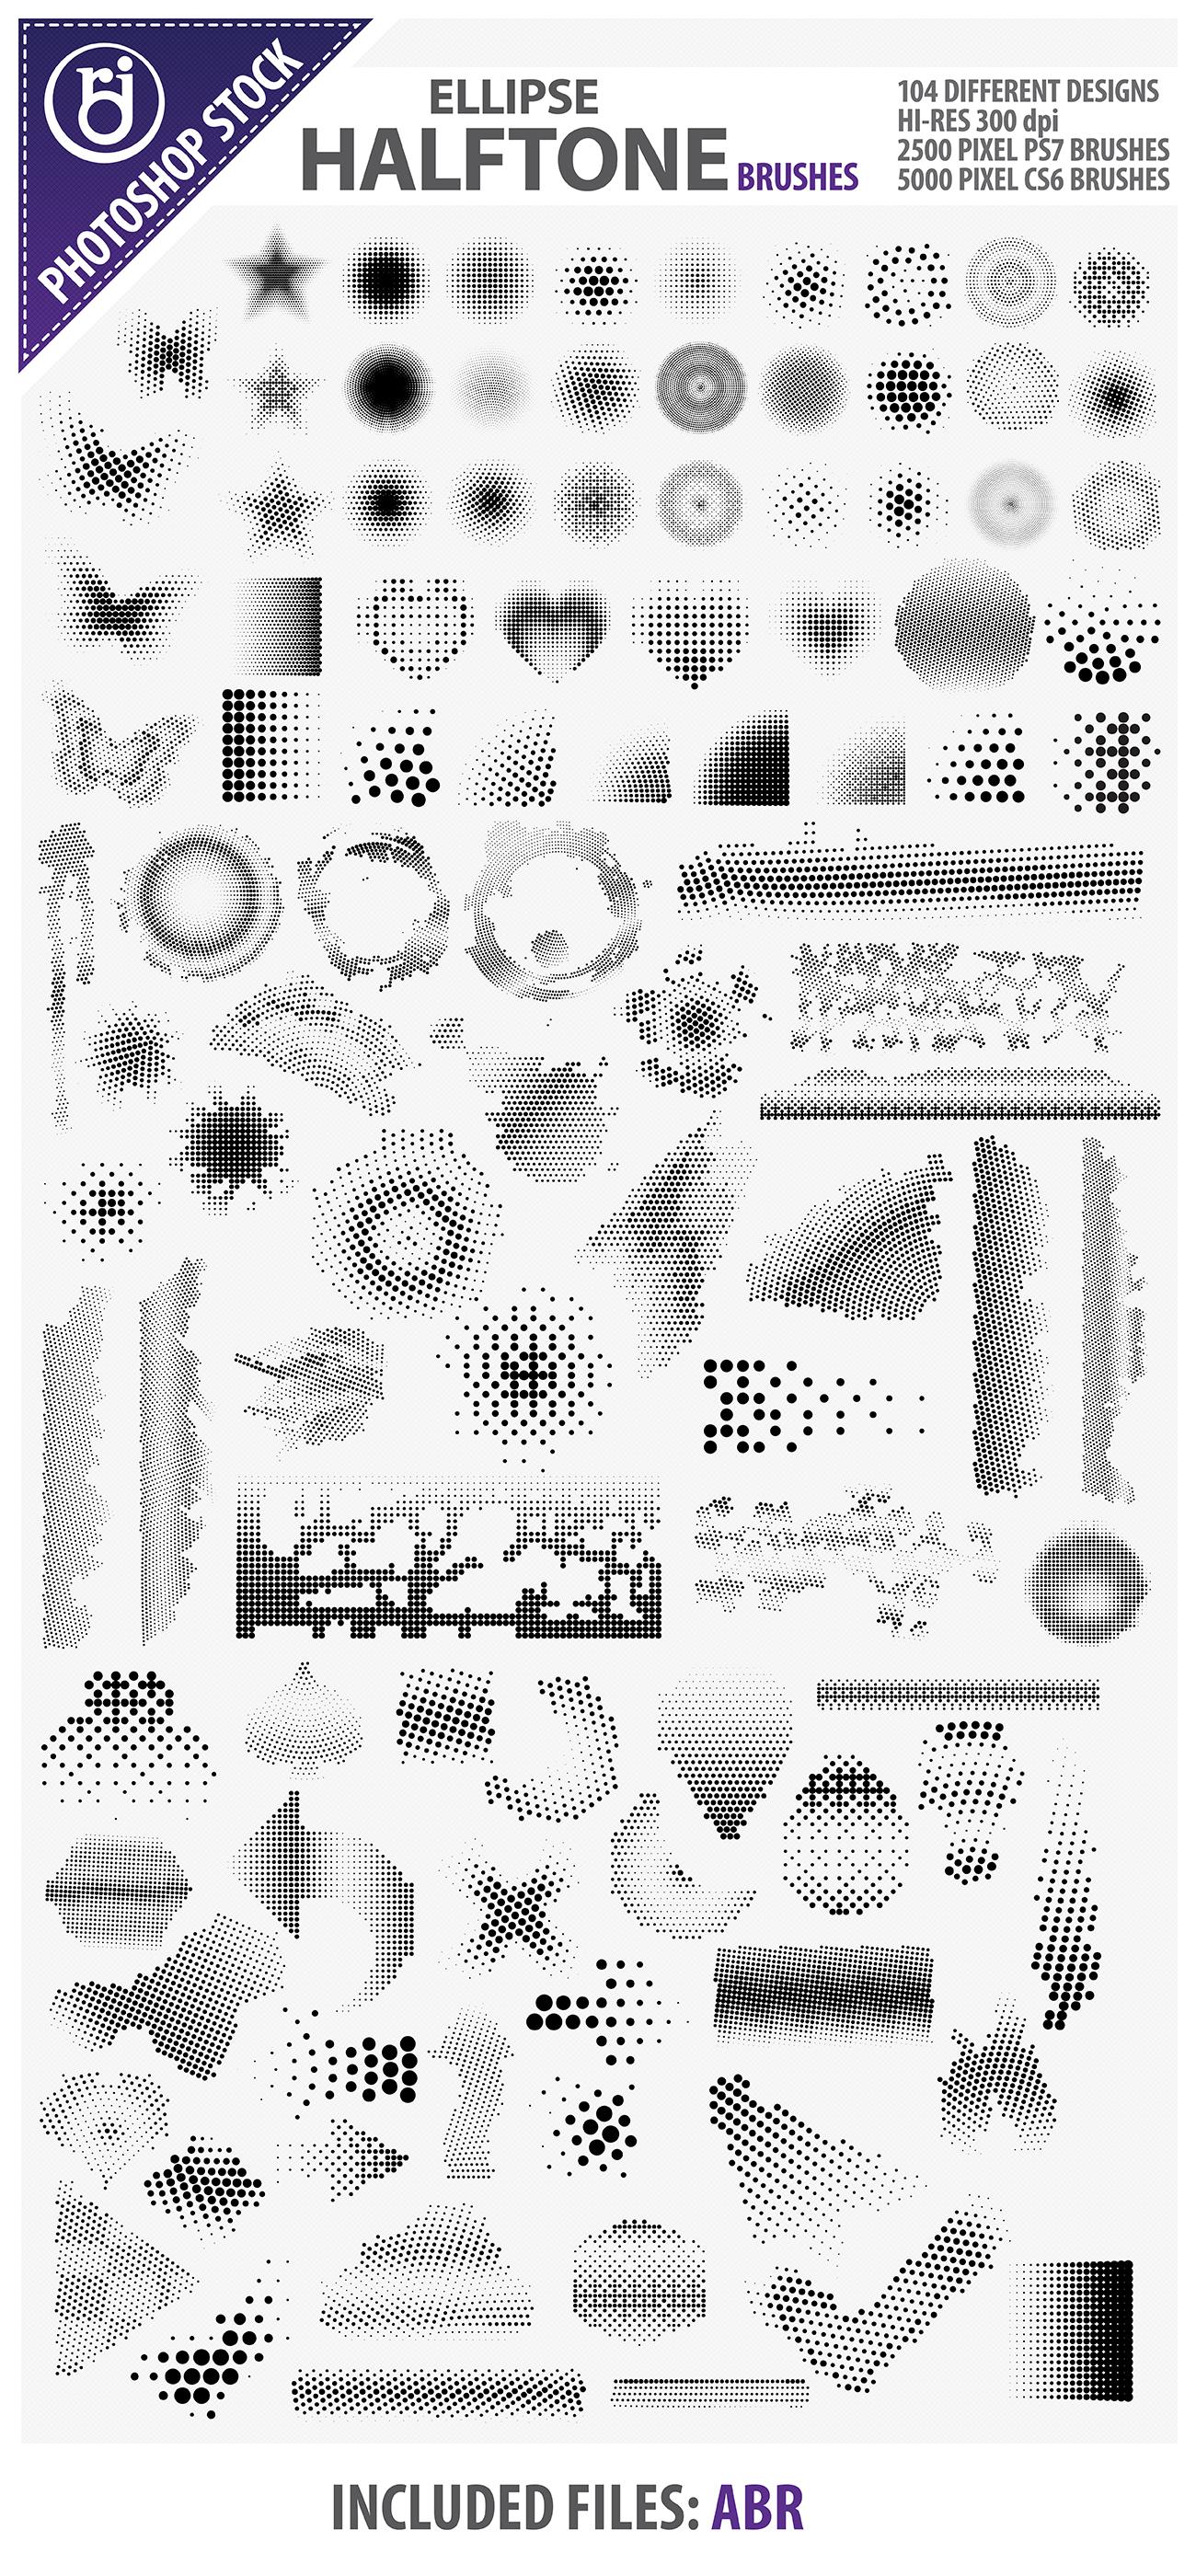 复眼风格的箭头、打勾、爱心、五角星、蝴蝶等几何图形PS笔刷